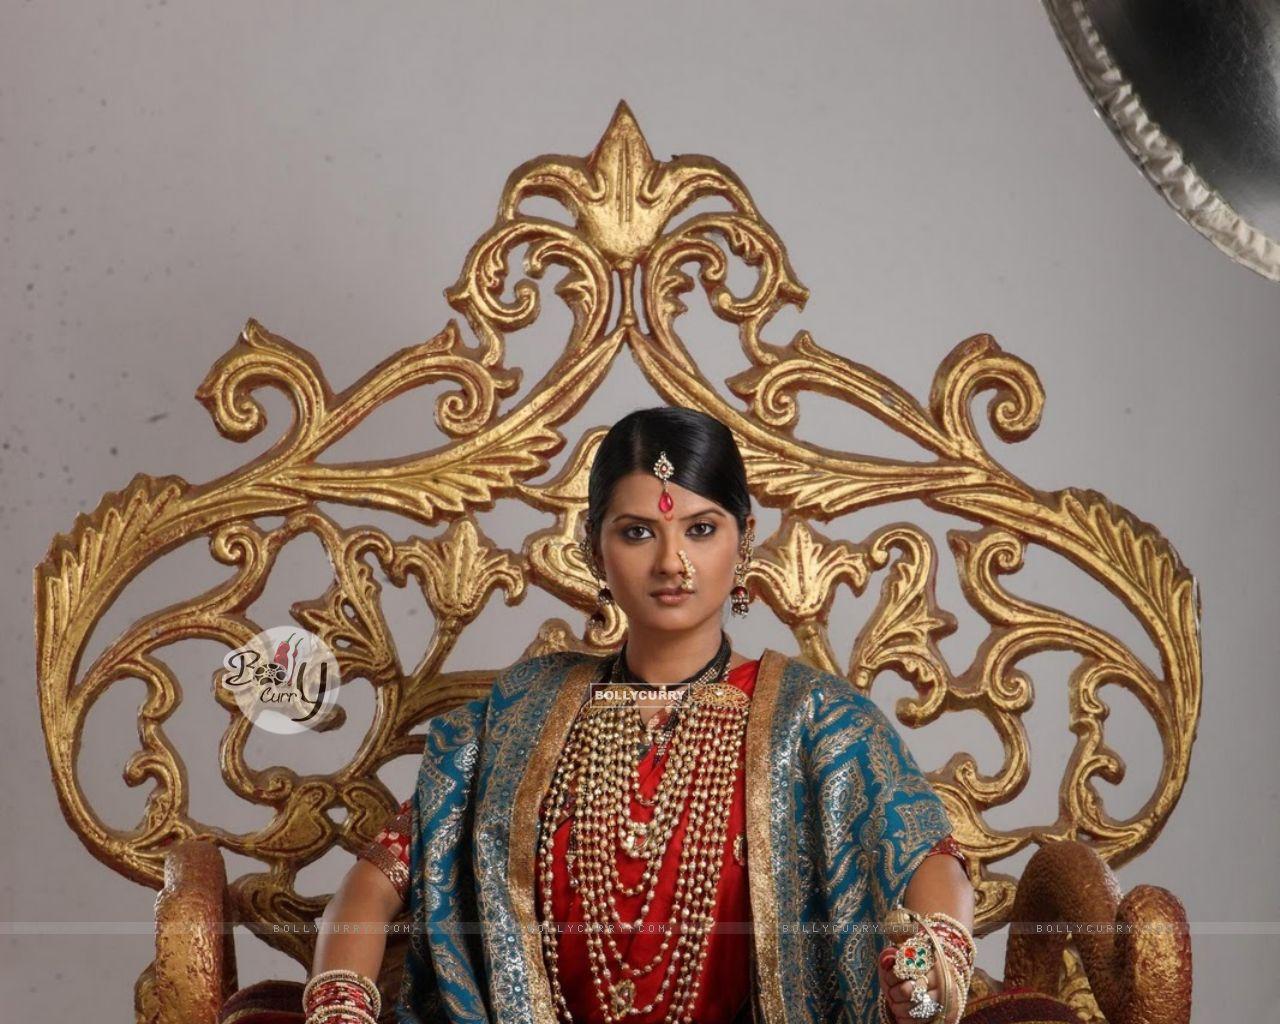 Kratika Sengar As Jhansi Ki Rani Size - Kratika Sengar And Sameer Dharmadhikari , HD Wallpaper & Backgrounds